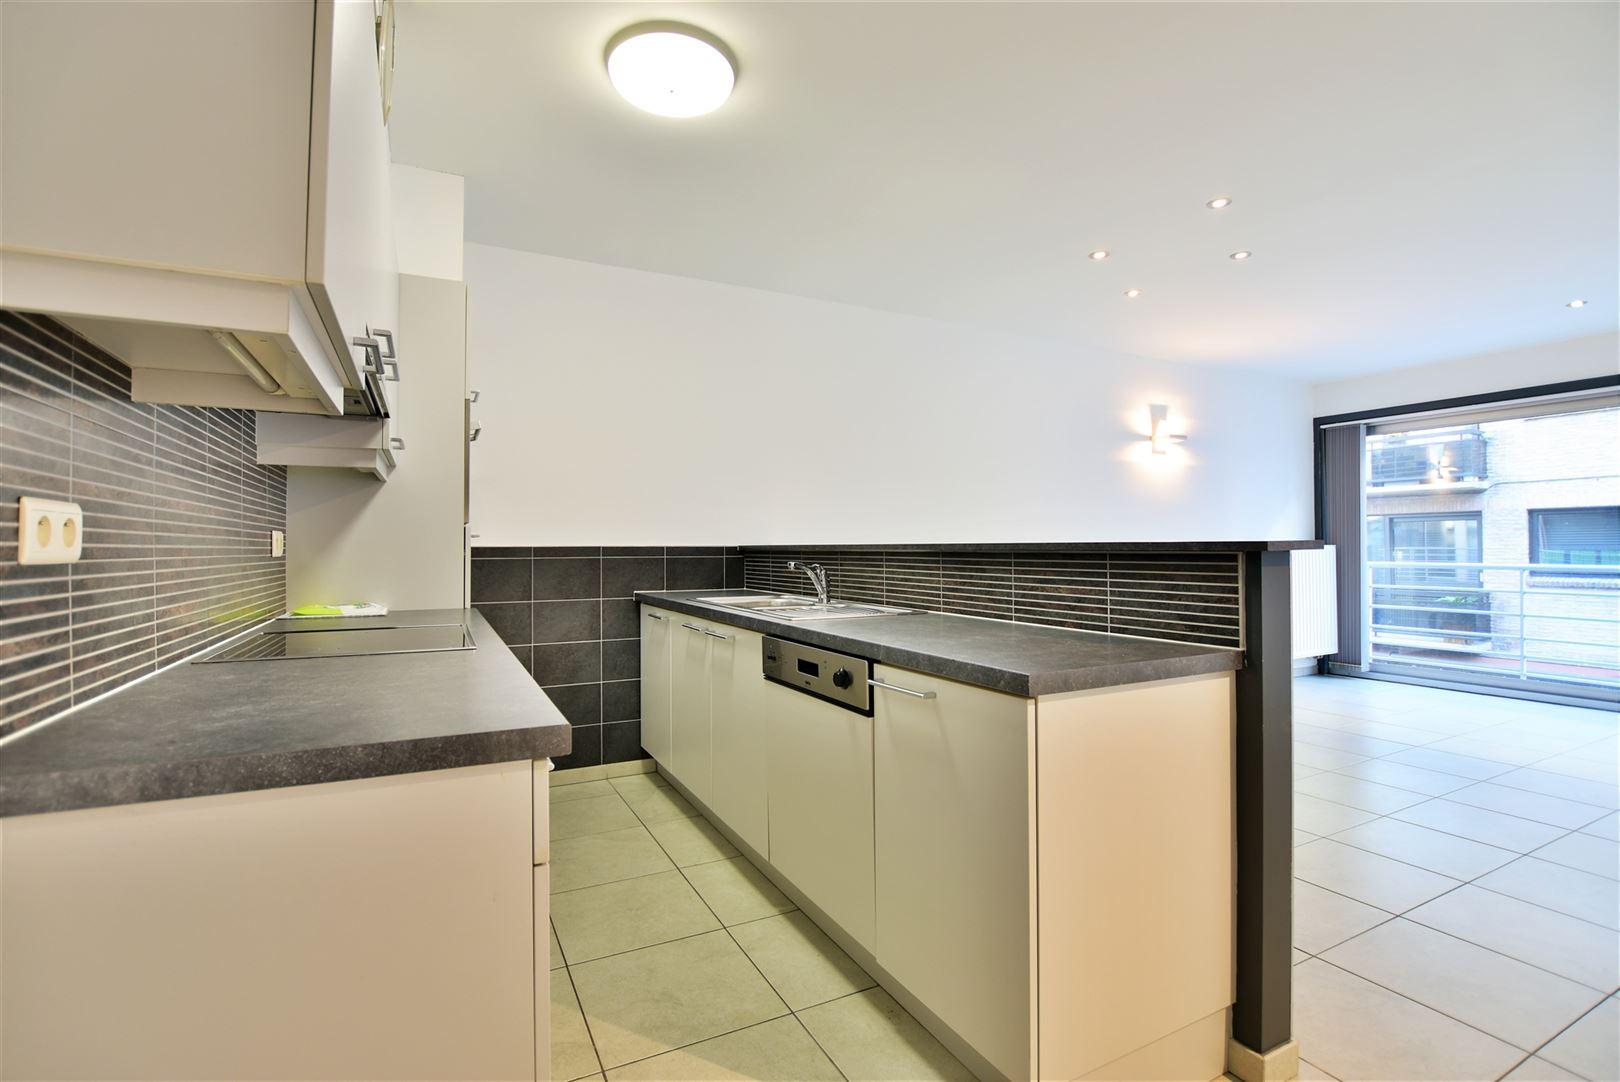 Foto 5 : Appartement te 8400 OOSTENDE (België) - Prijs € 299.000